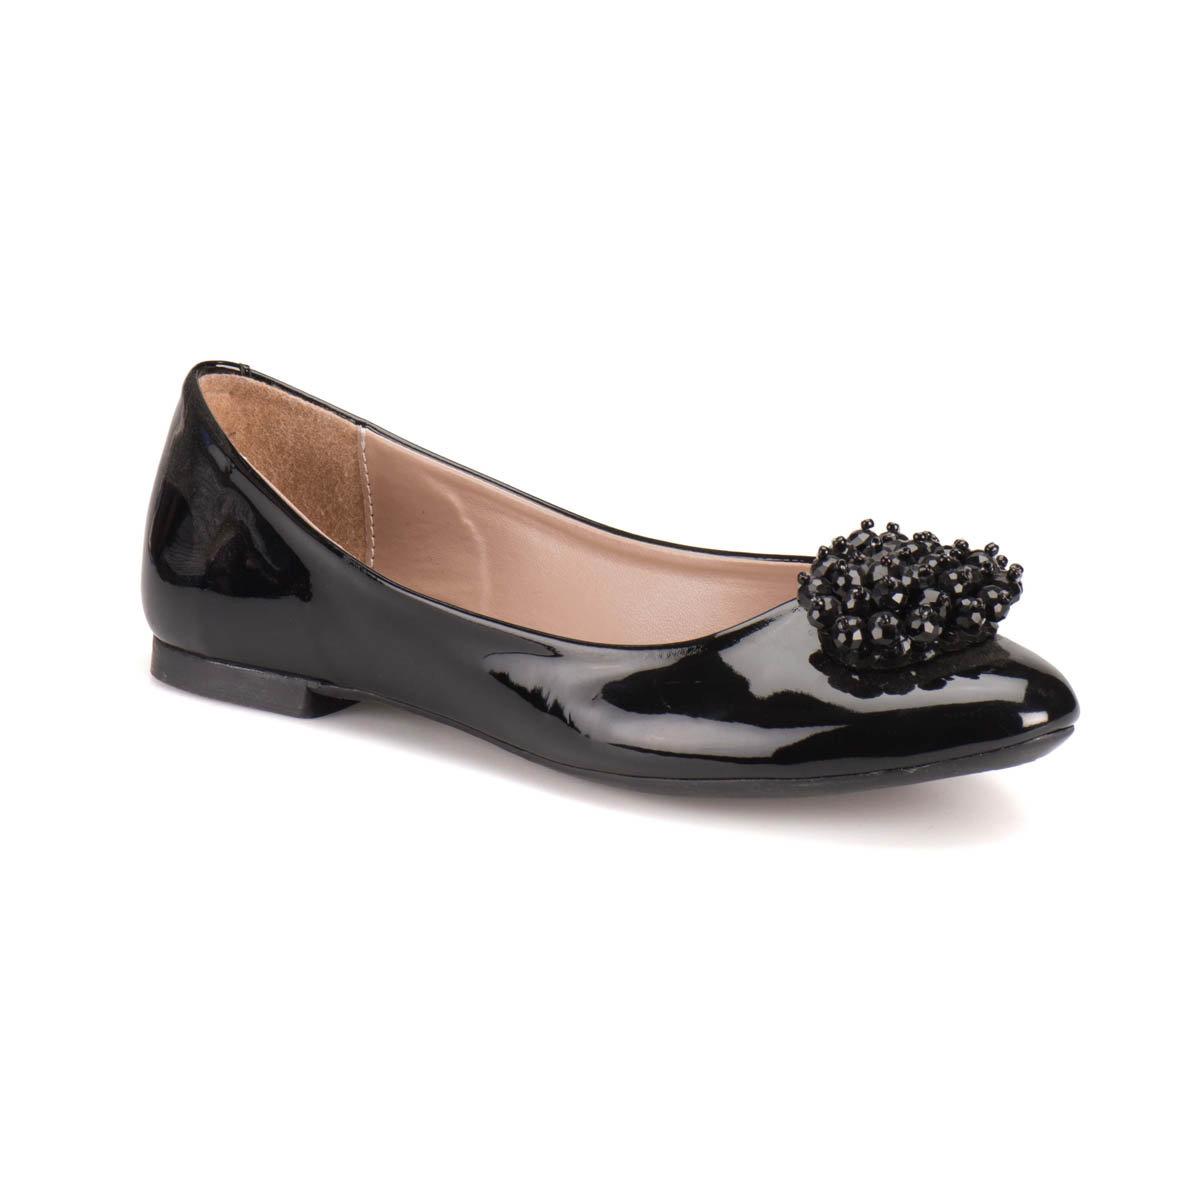 بالصور احذية فلات , اجمل تصميمات الاحدية الفلات 2866 1